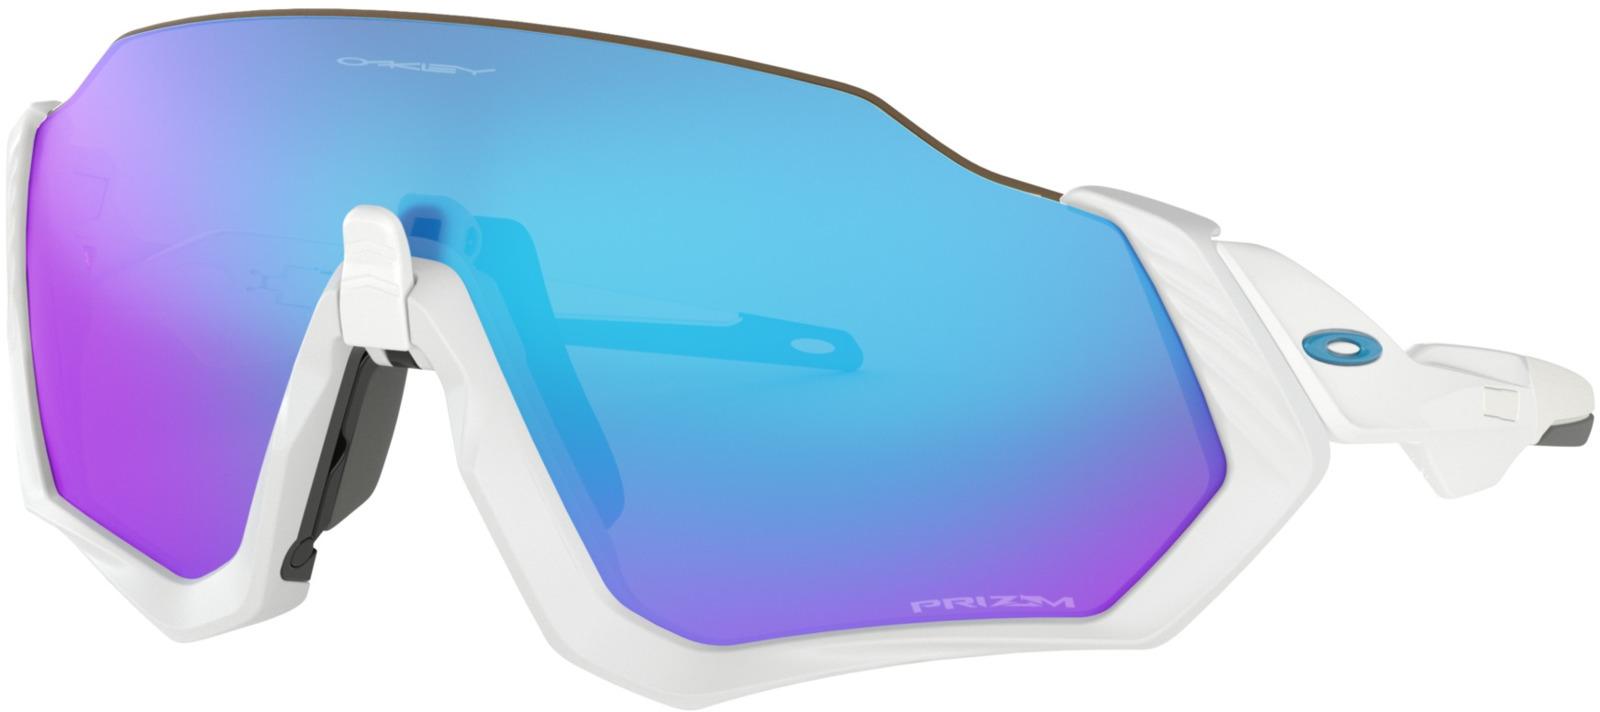 Велосипедные очки Oakley Flight Jacket Polished, цвет: белый